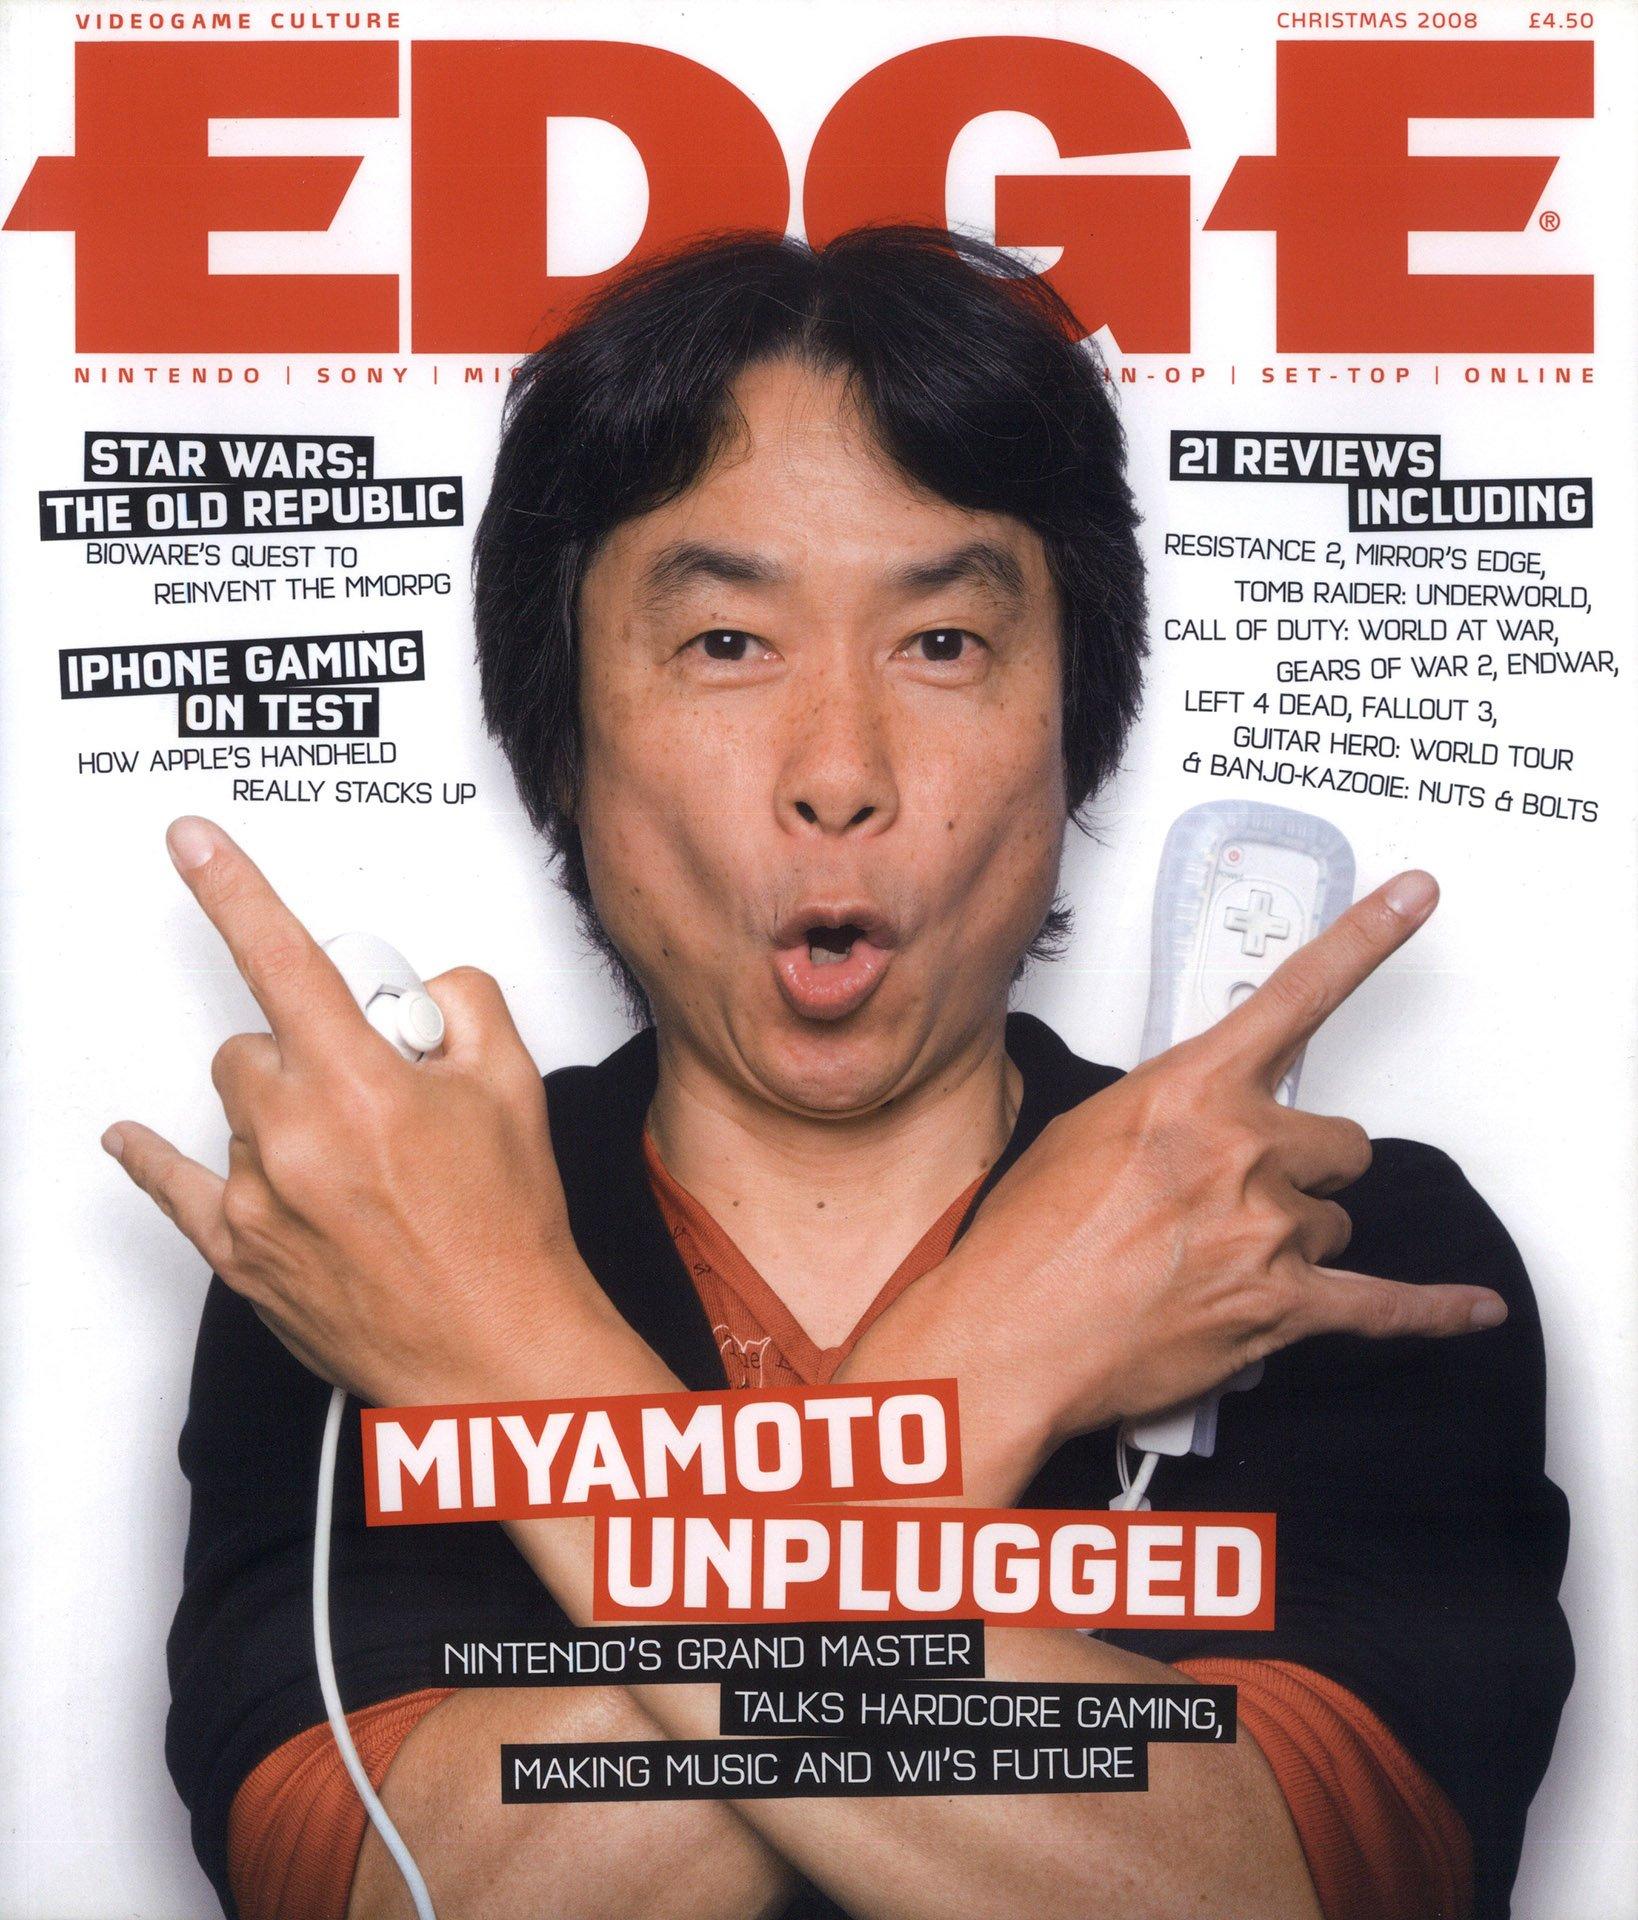 Edge 196 (Christmas 2008)